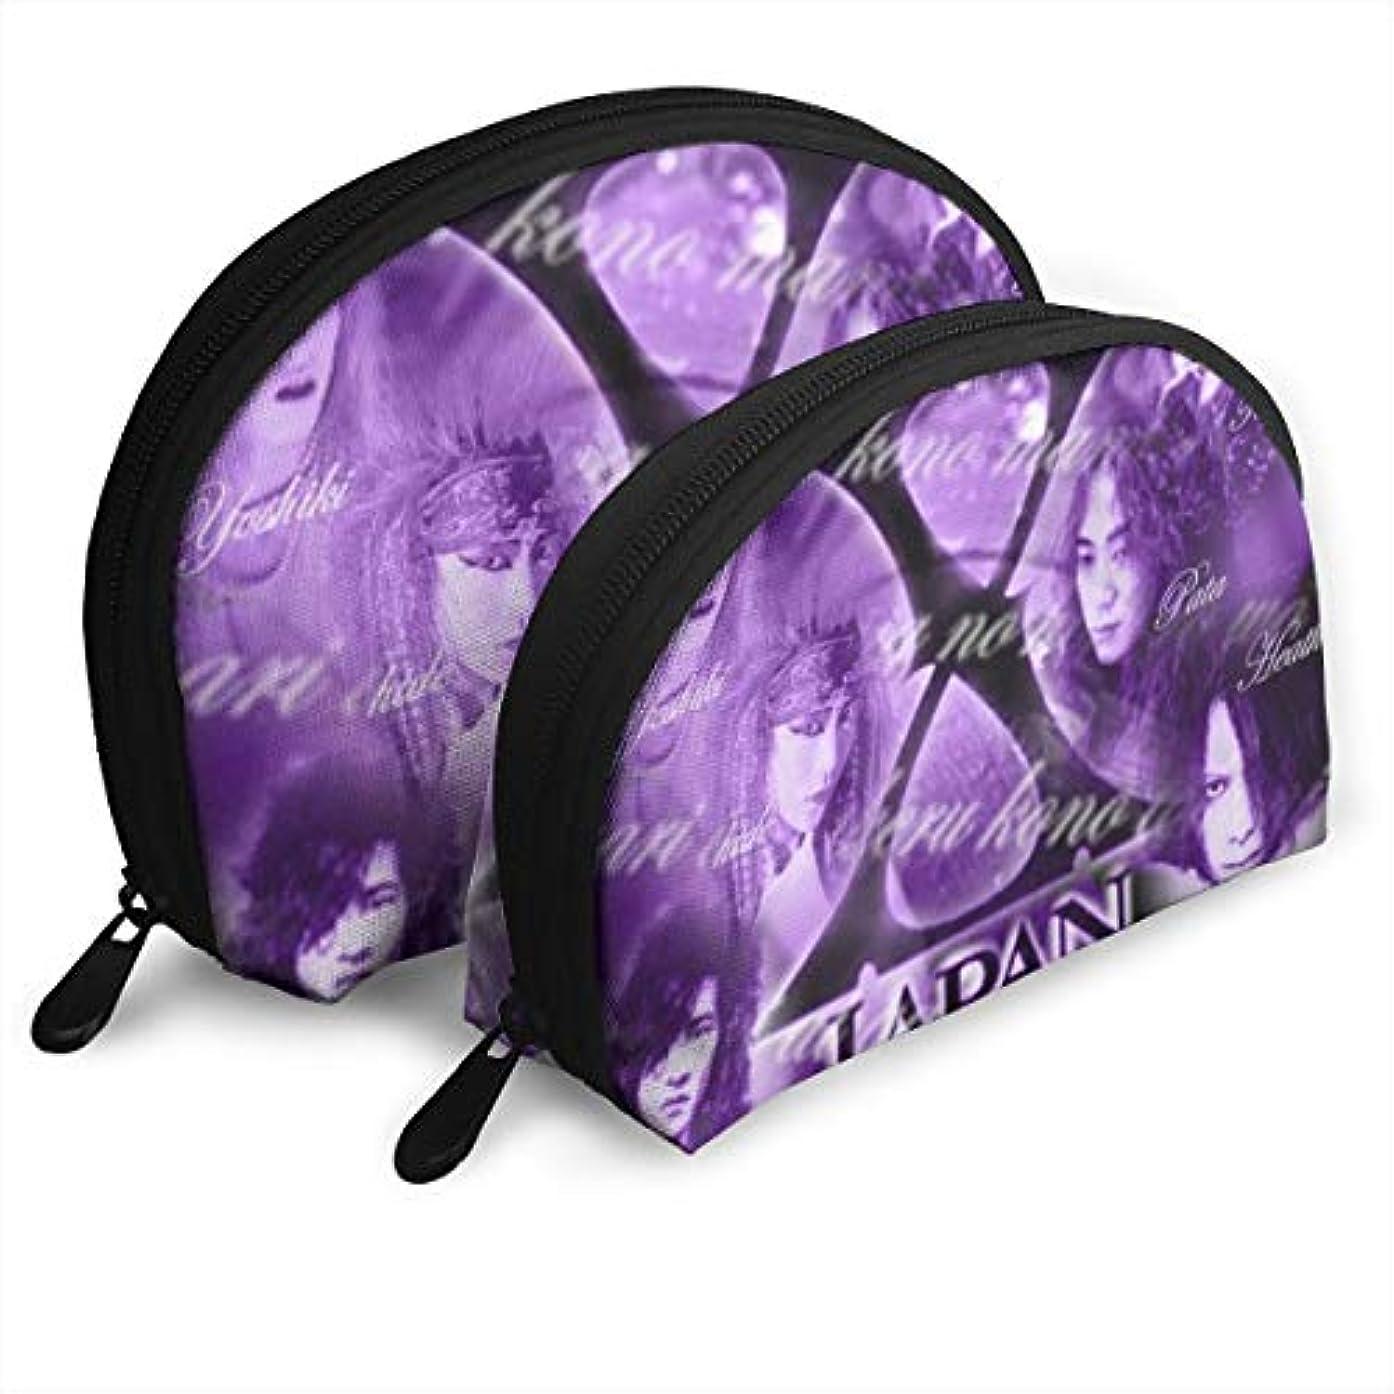 破裂おそらく瞑想X-Japan 紫色のスタイル 化粧バッグ セット メイクポーチ 半円仕様 コスメポーチ メイク収納バッグ 小物入れ 出張 旅行メイクバッグ可愛い 男女兼用 プレゼント